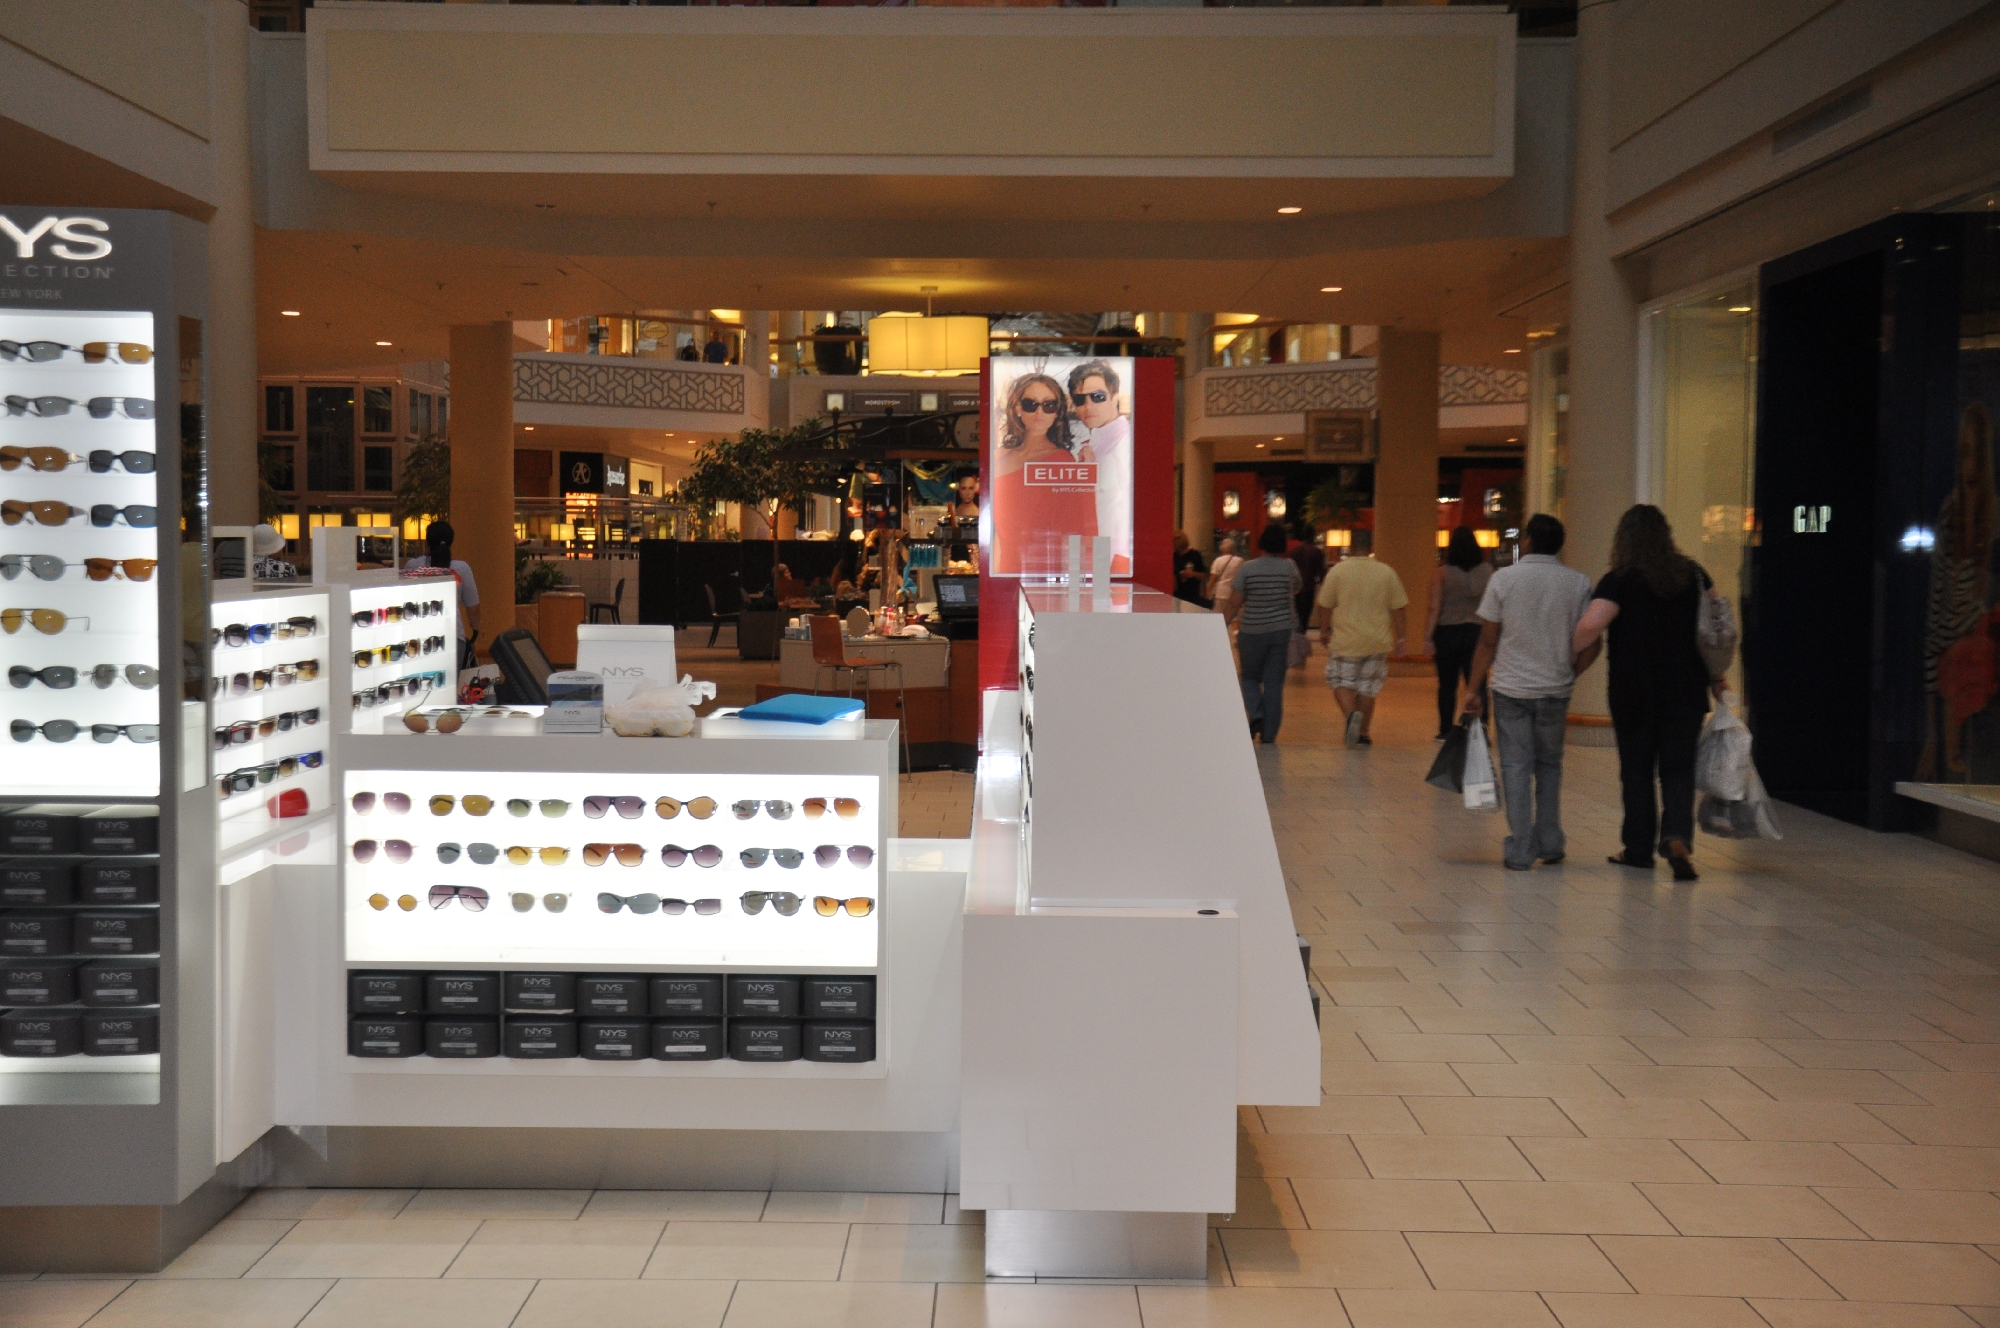 NYS KIOSK Freehold Mall 2012 061__43.jpg